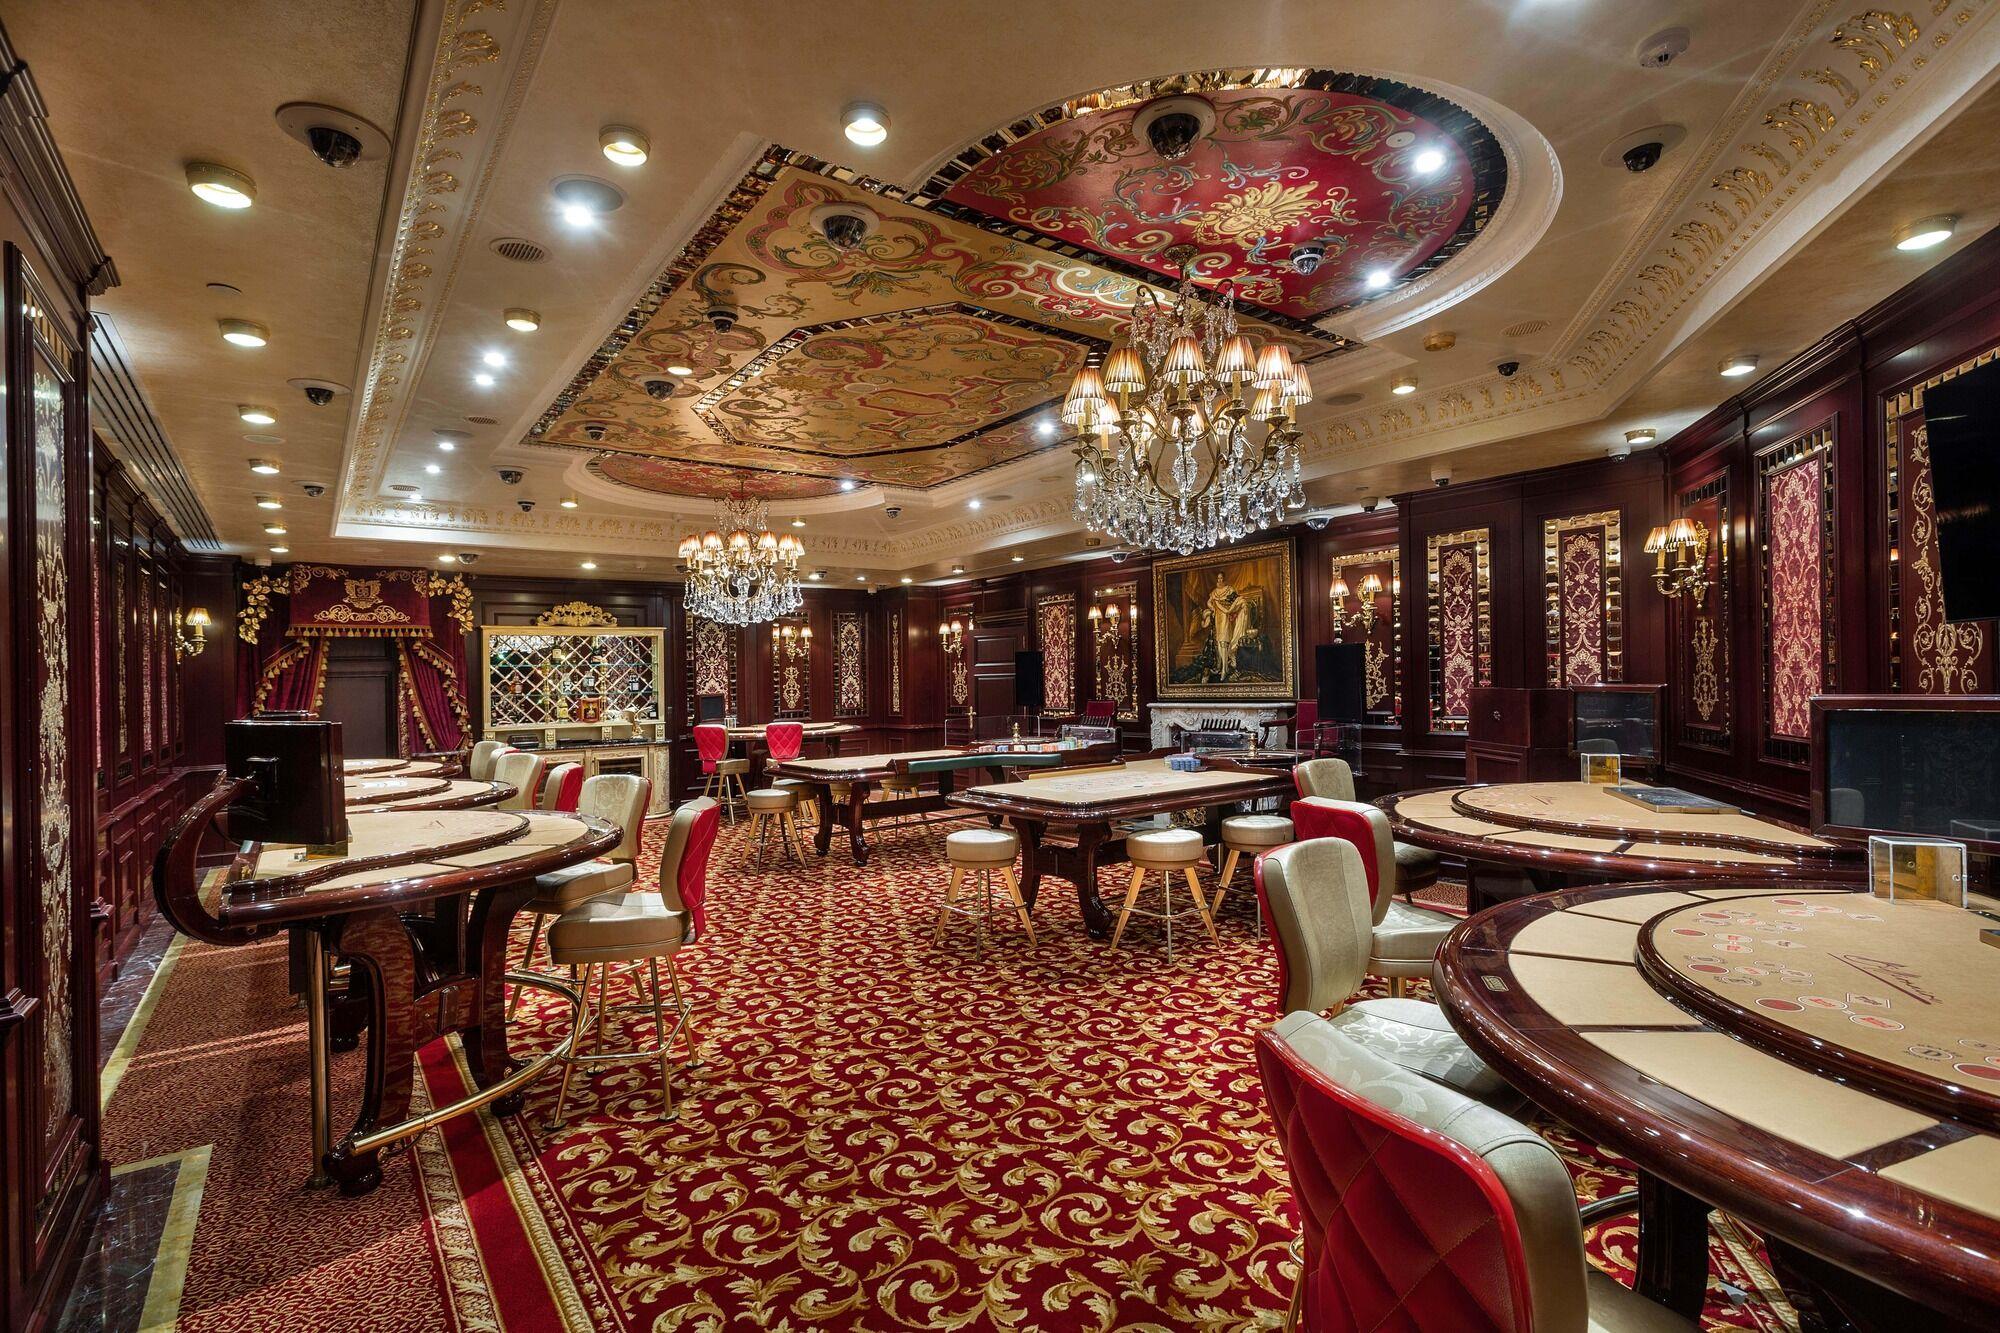 """За зразками світових гральних закладів подібного рівня гостям столичного """"Billionaire Casino"""" будуть доступні додаткові сервіси"""